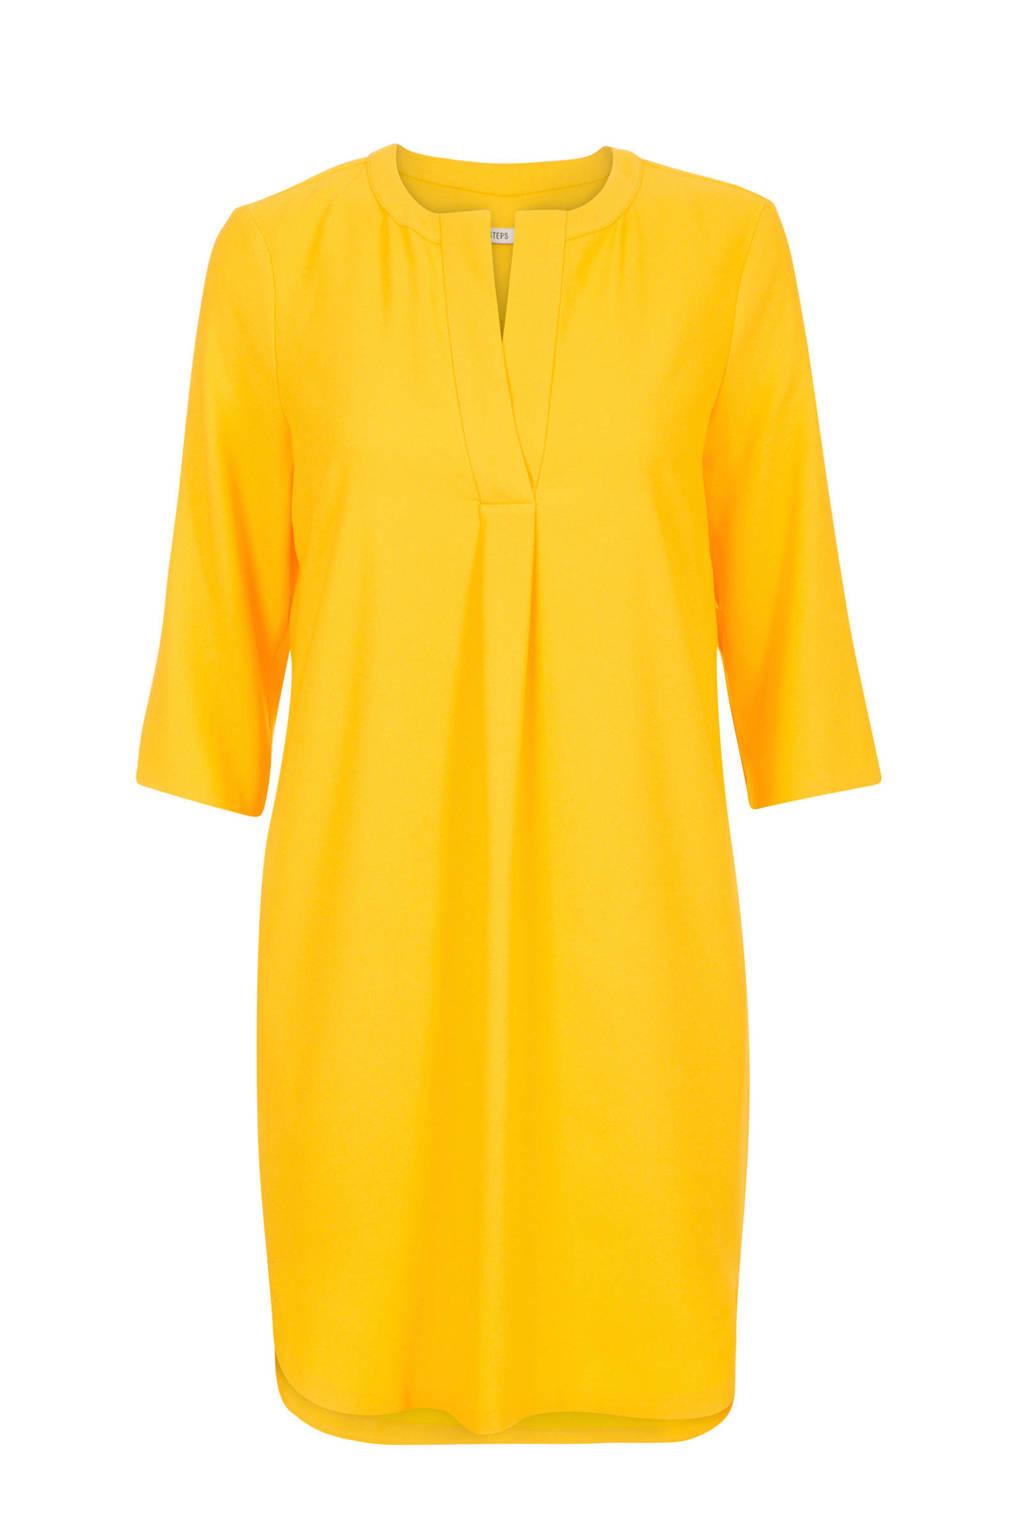 Steps jurk geel, Geel